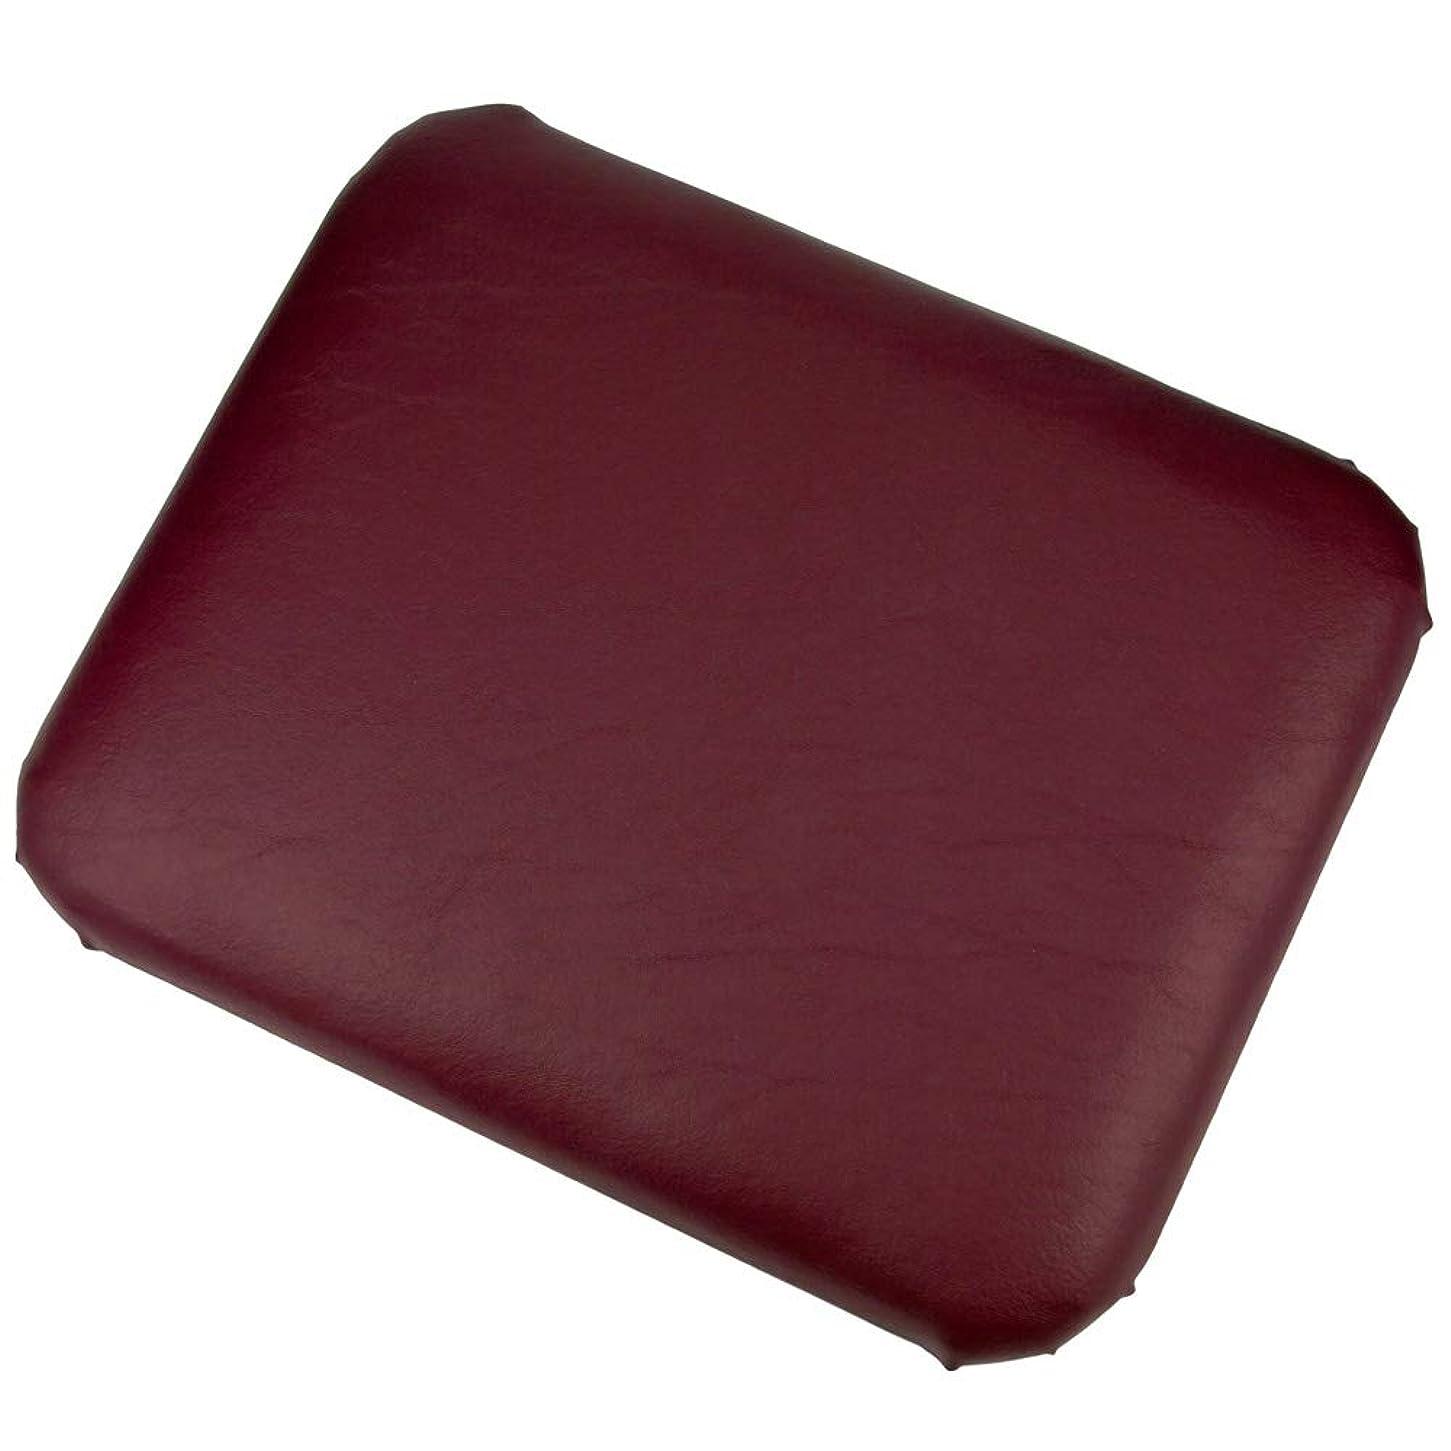 可愛い副どこでもLLOYD (ロイド) テーブルボード 骨盤 マッサージ 柔らかすぎる テーブル や ベッド を安定させ 脊椎 の 前方変位 の 矯正 などにも最適 【ルビー】